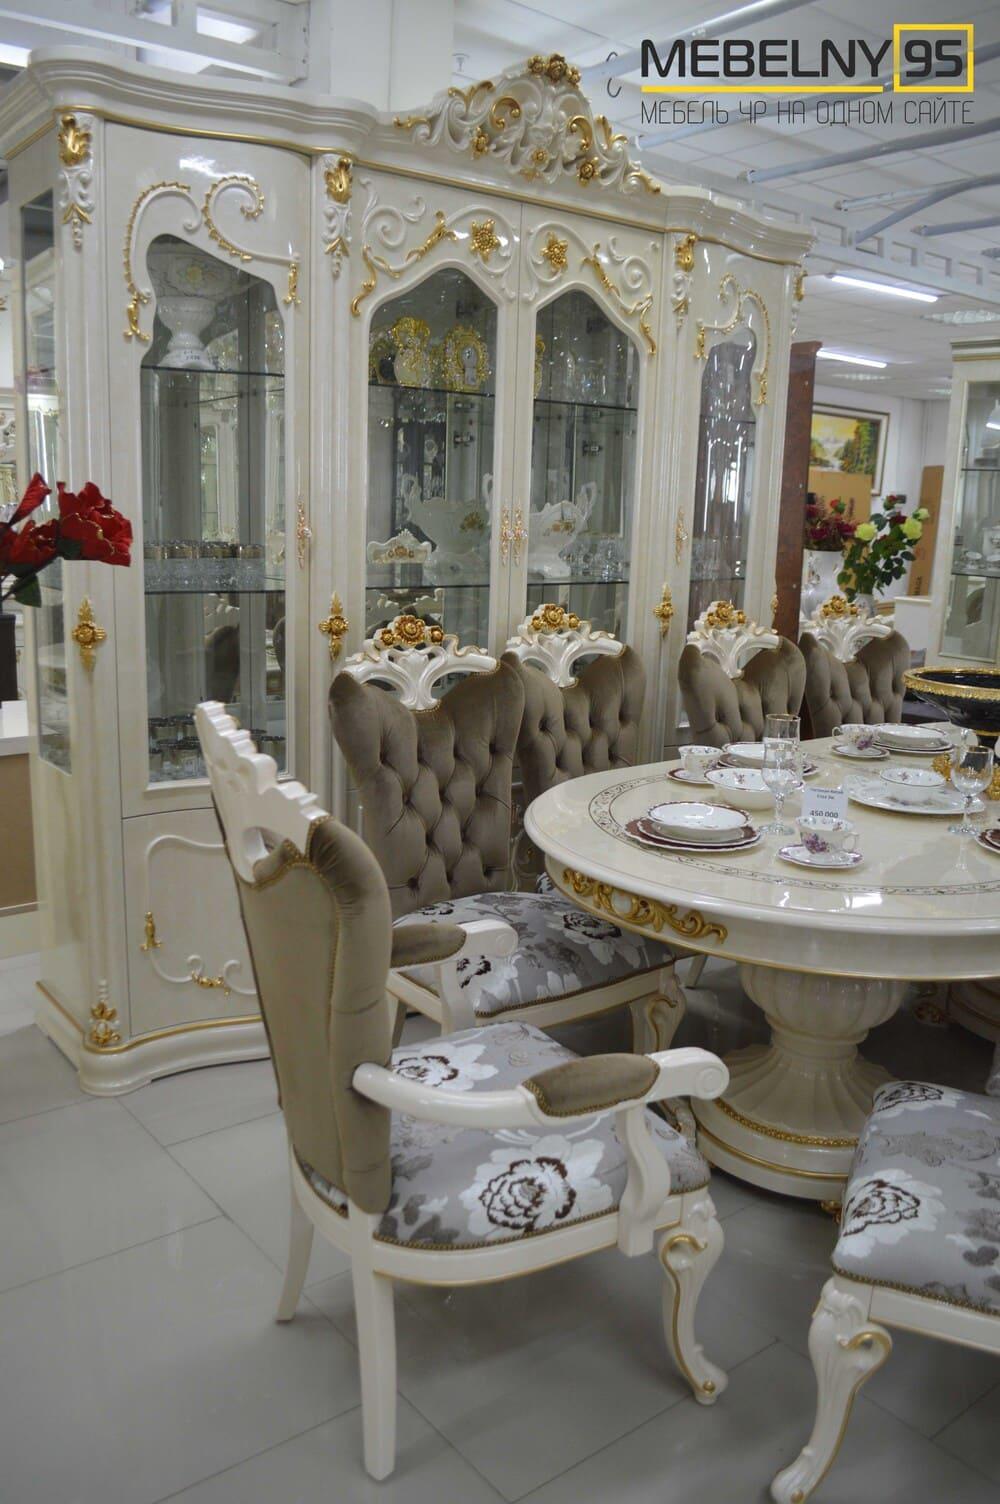 Гостиная мебель - изображение №5 на mebelny95.ru